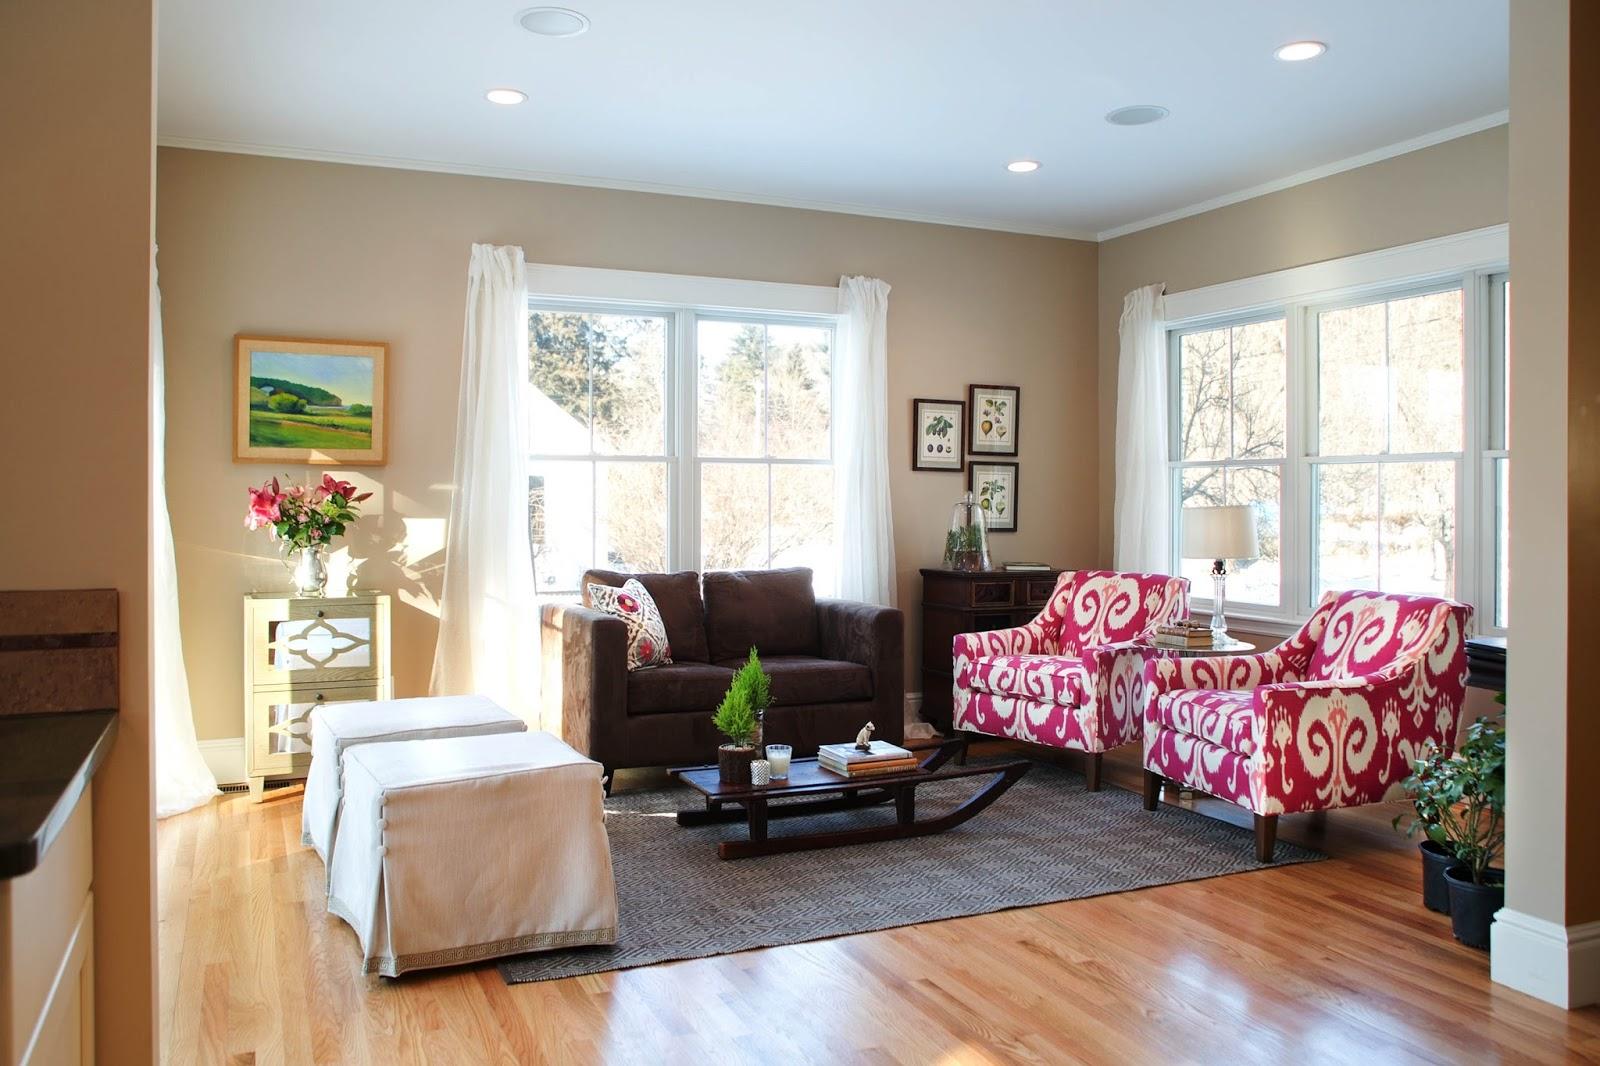 Warna Sofa Yang Bagus Model Sofa Bahan Kain Desain Rumah